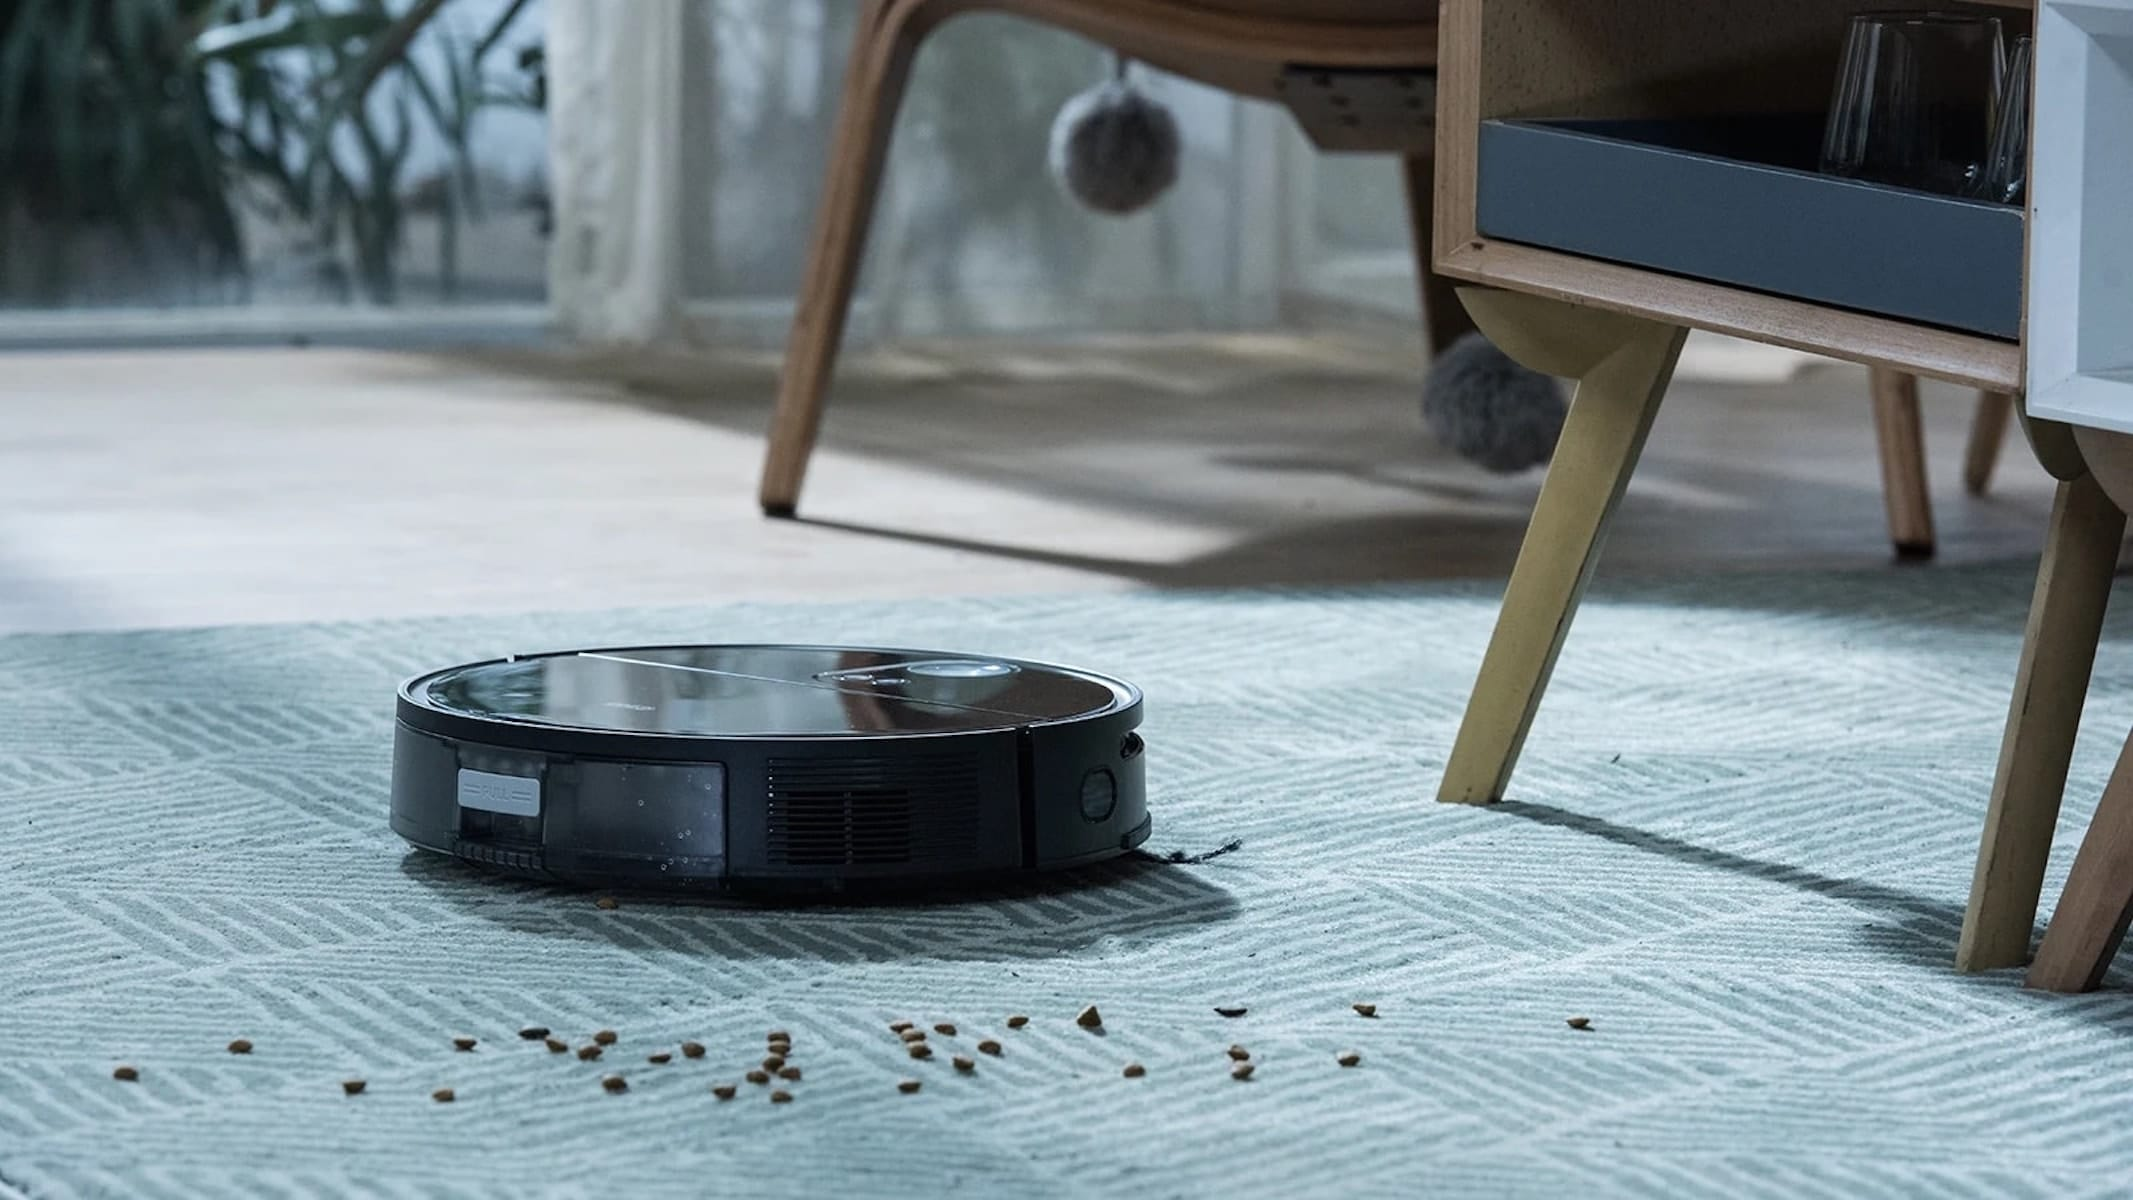 360 S10 robot vacuum cleaner